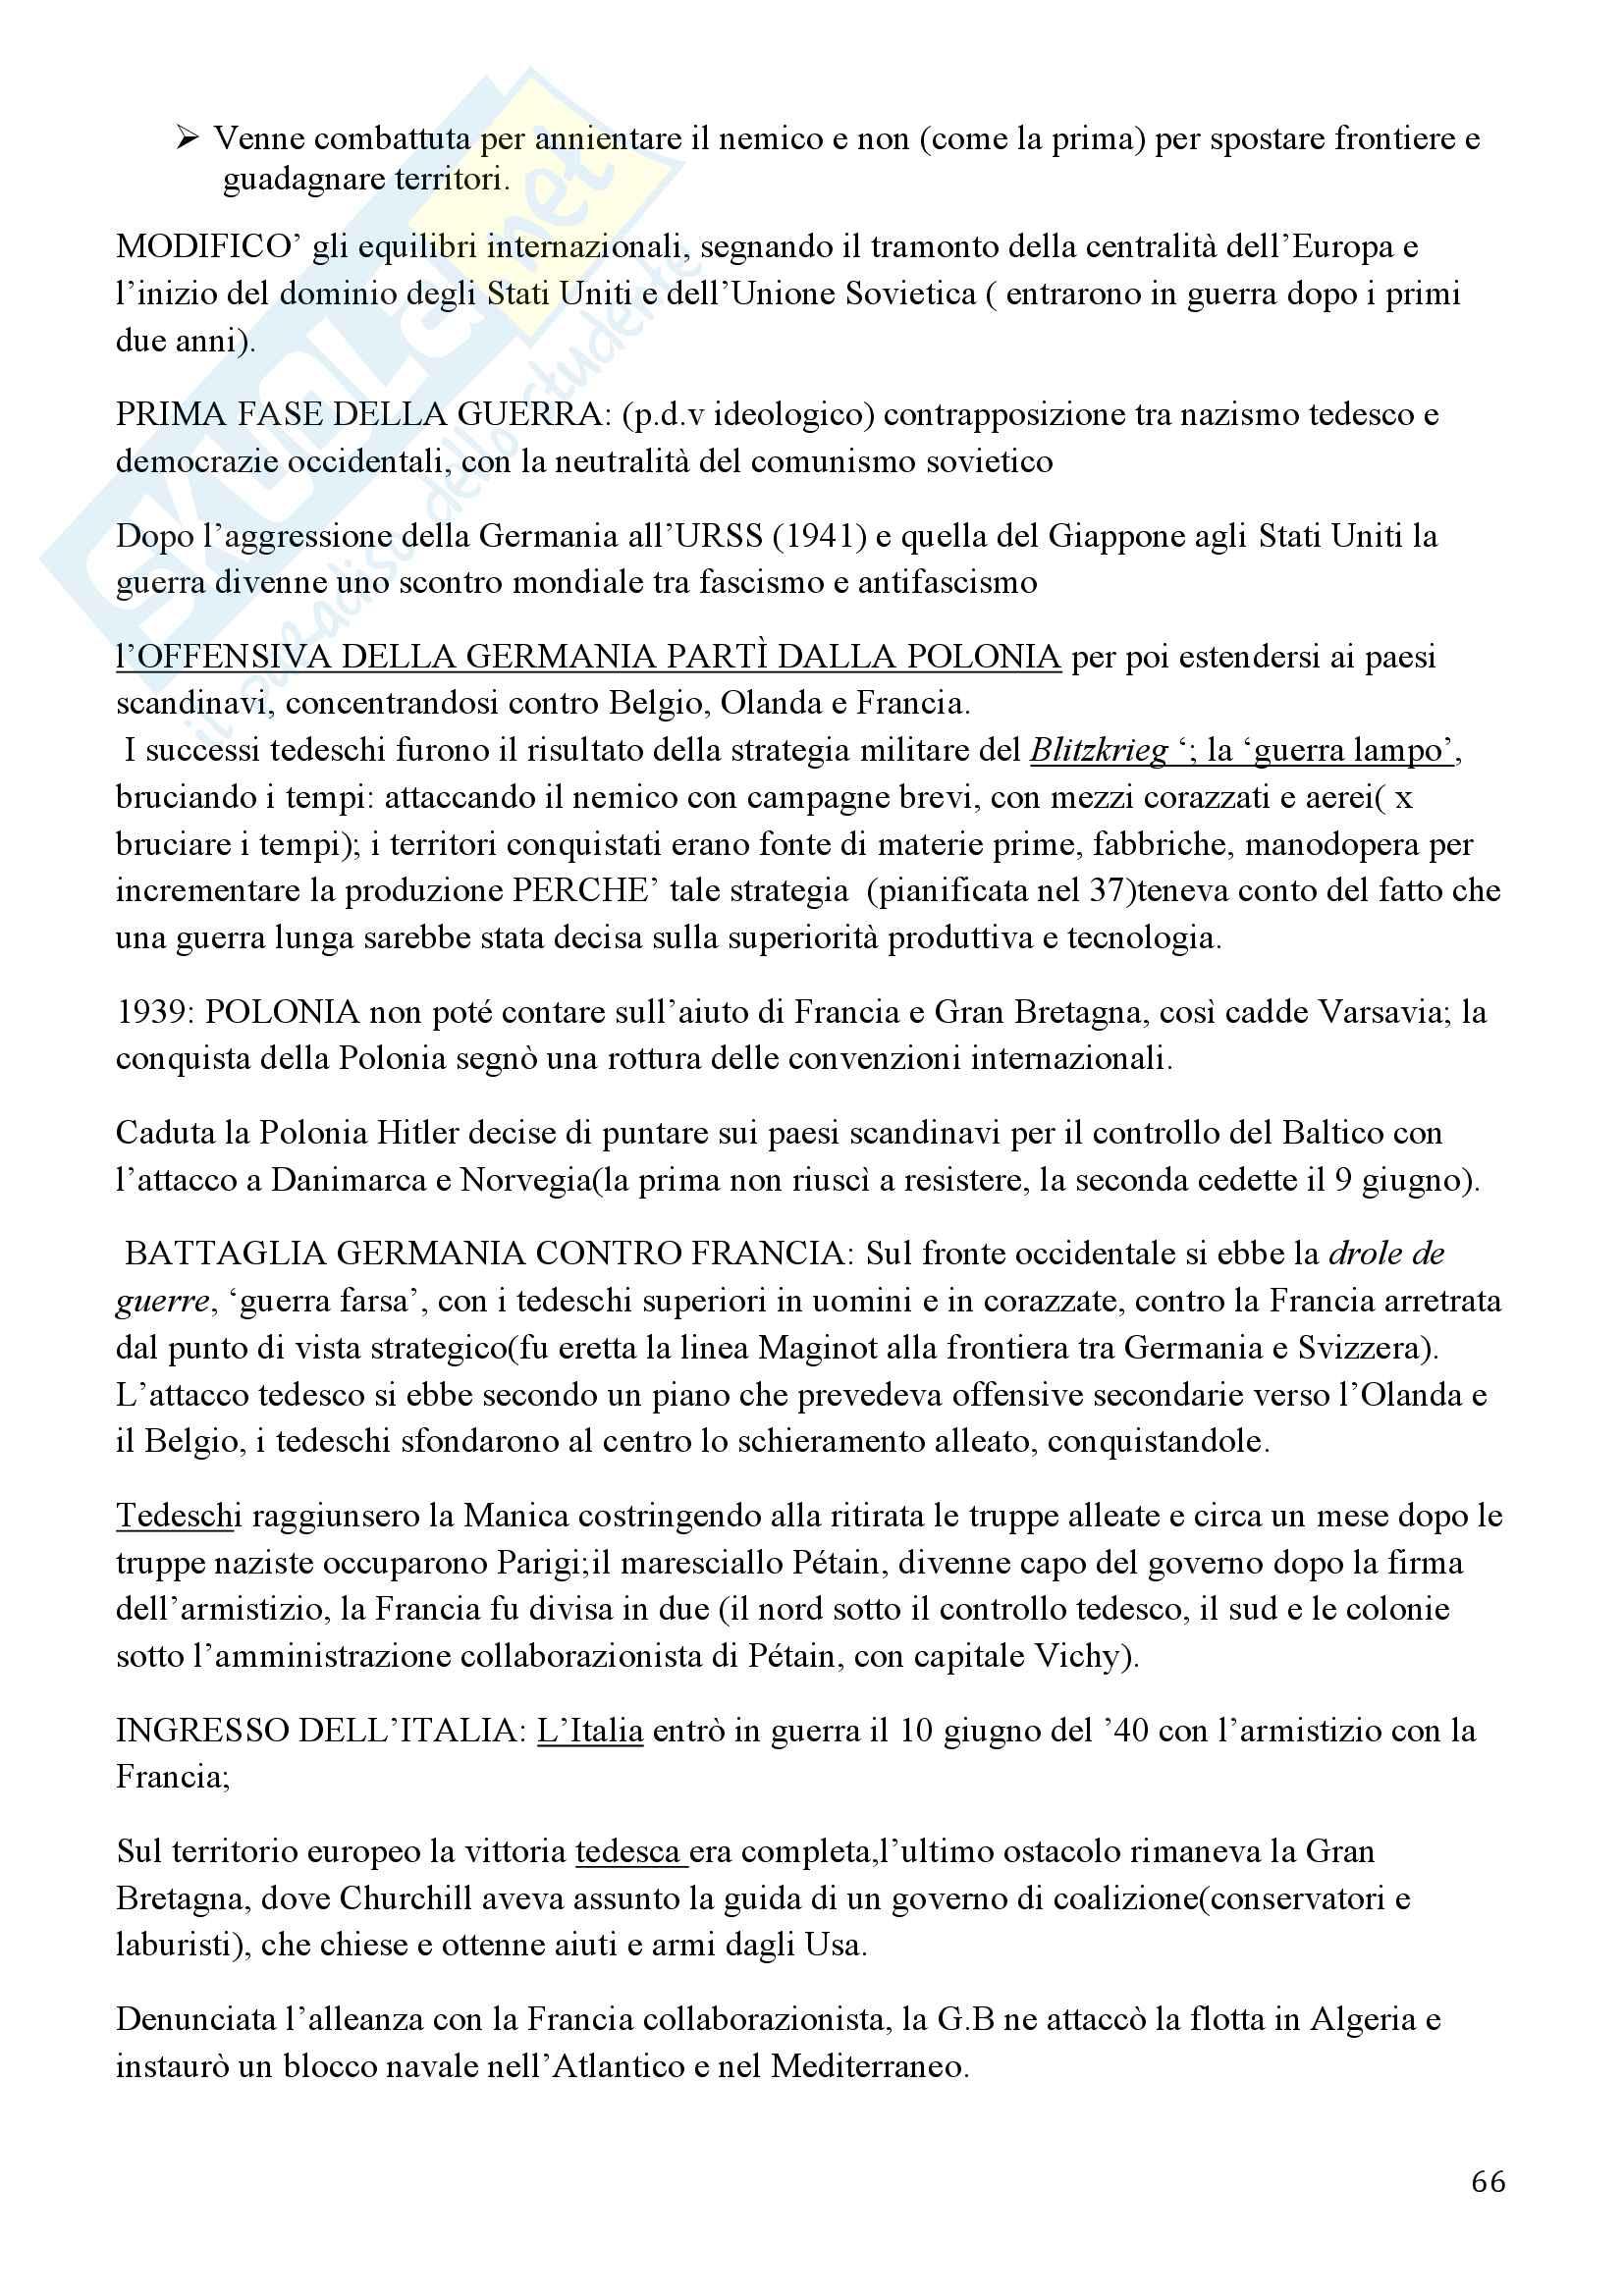 Storia Contemporanea, Detti, Gozzini il Novecento - Riassunto Pag. 66